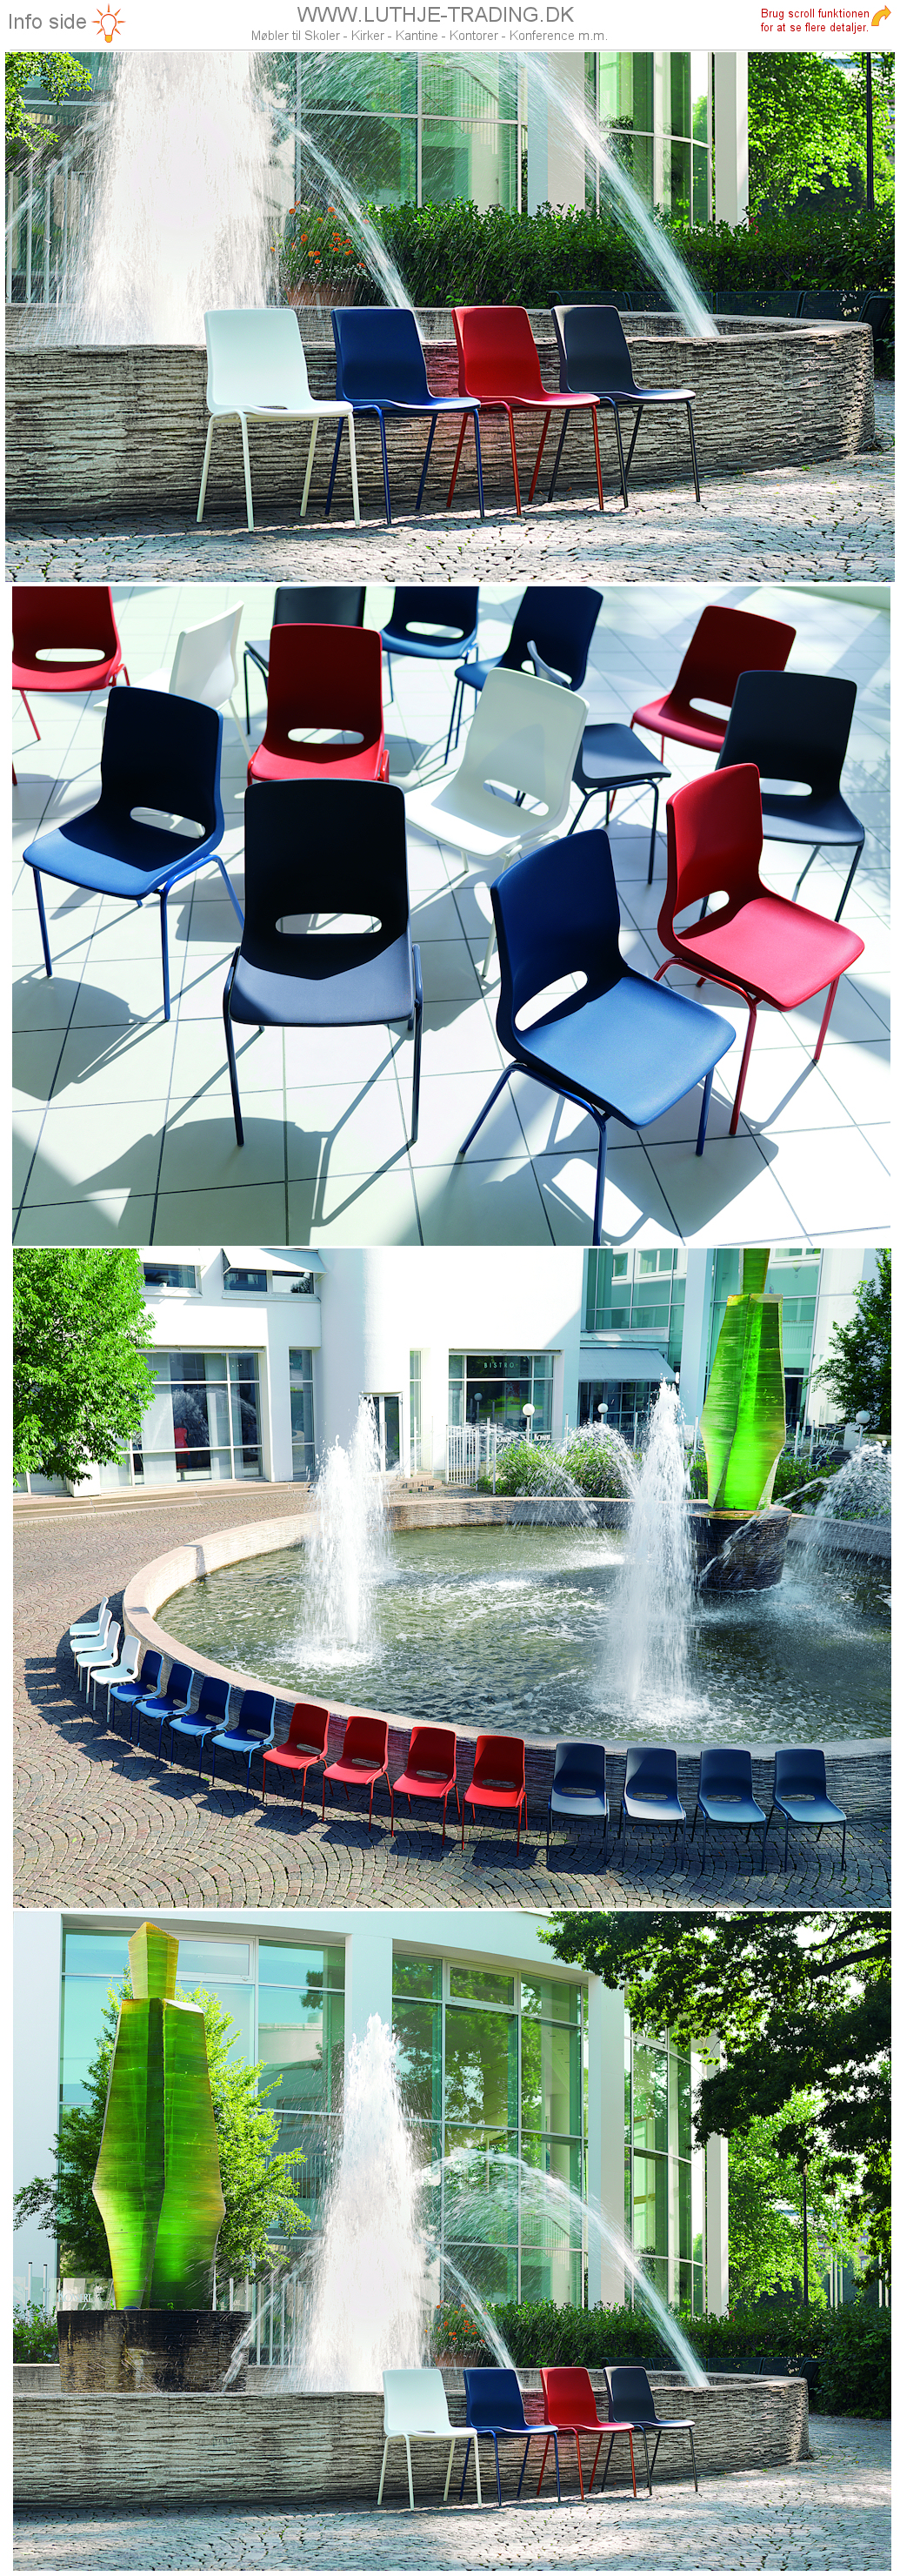 Ana stol med ensfarvet stel og plastskal. Vi giver gerne det bedste tilbud på en Ana stol.